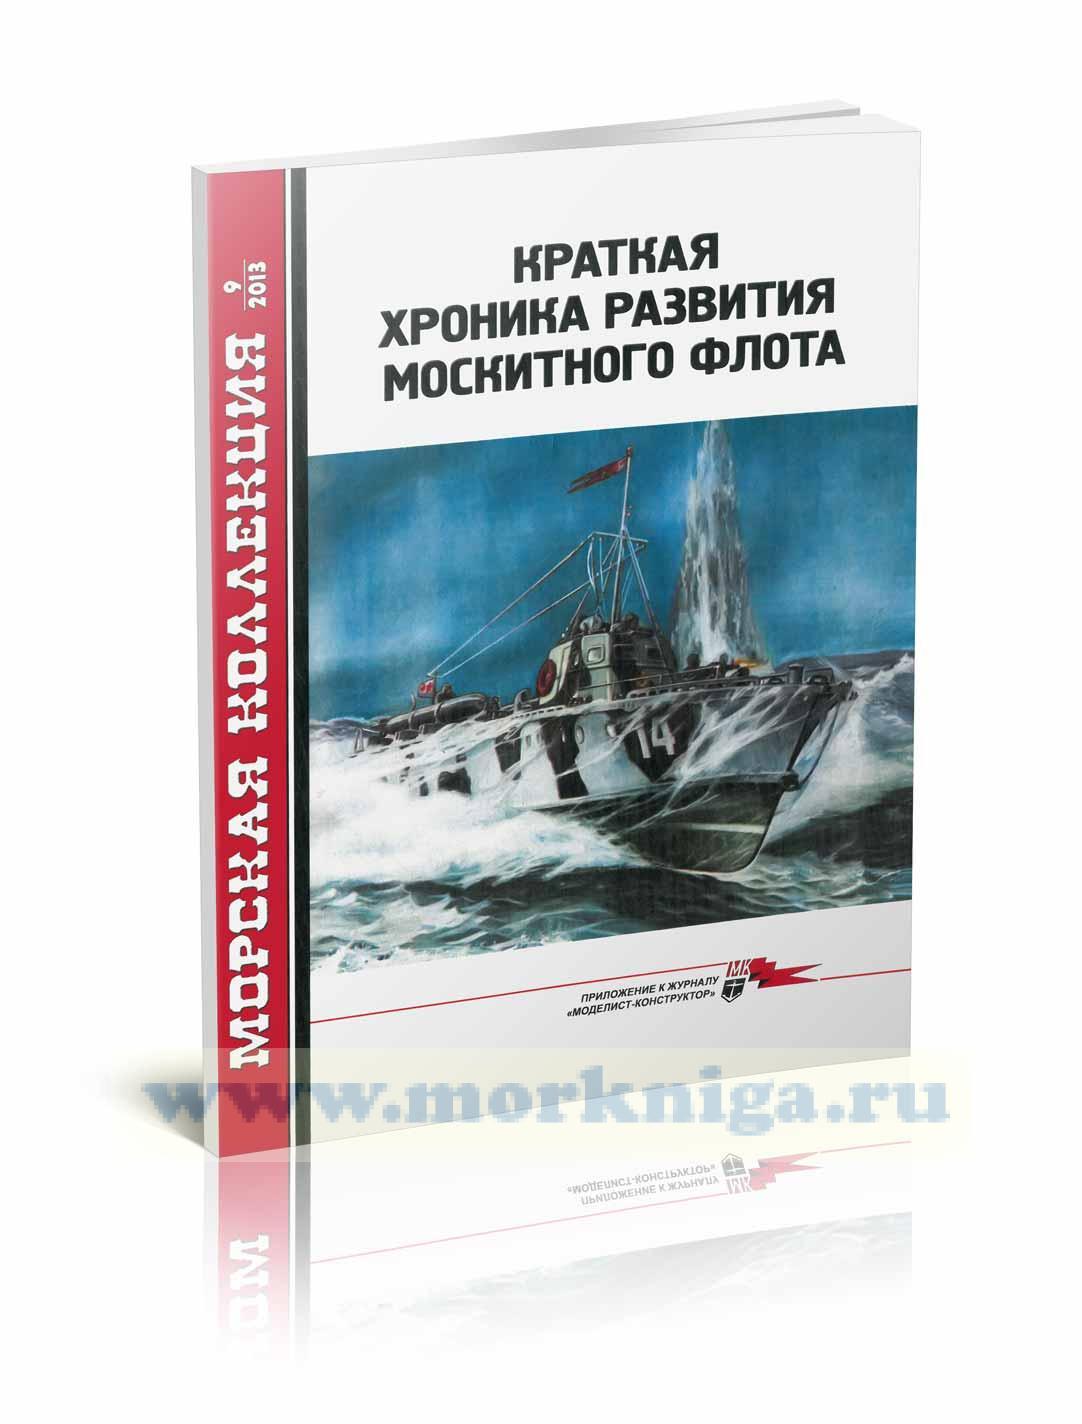 Краткая хроника развития москитного флота. Морская коллекция №9 (2013)